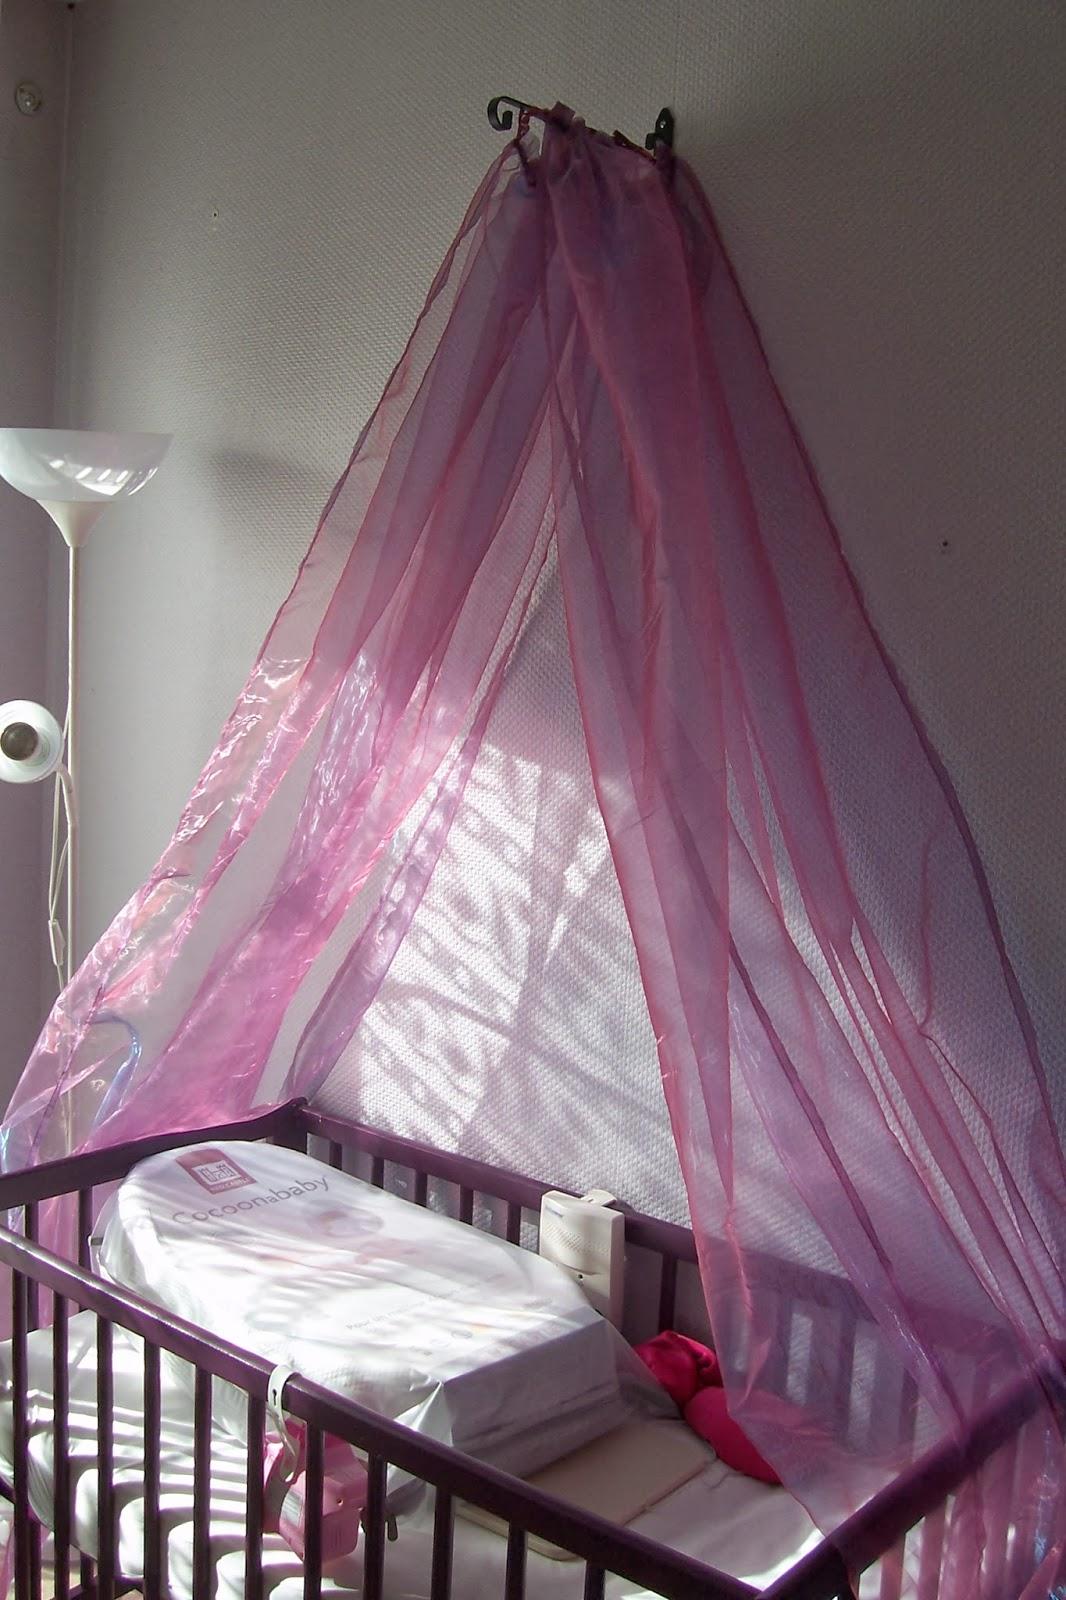 blabla de maman en beaut ciel de lit fait maison a moins de 40 euros. Black Bedroom Furniture Sets. Home Design Ideas